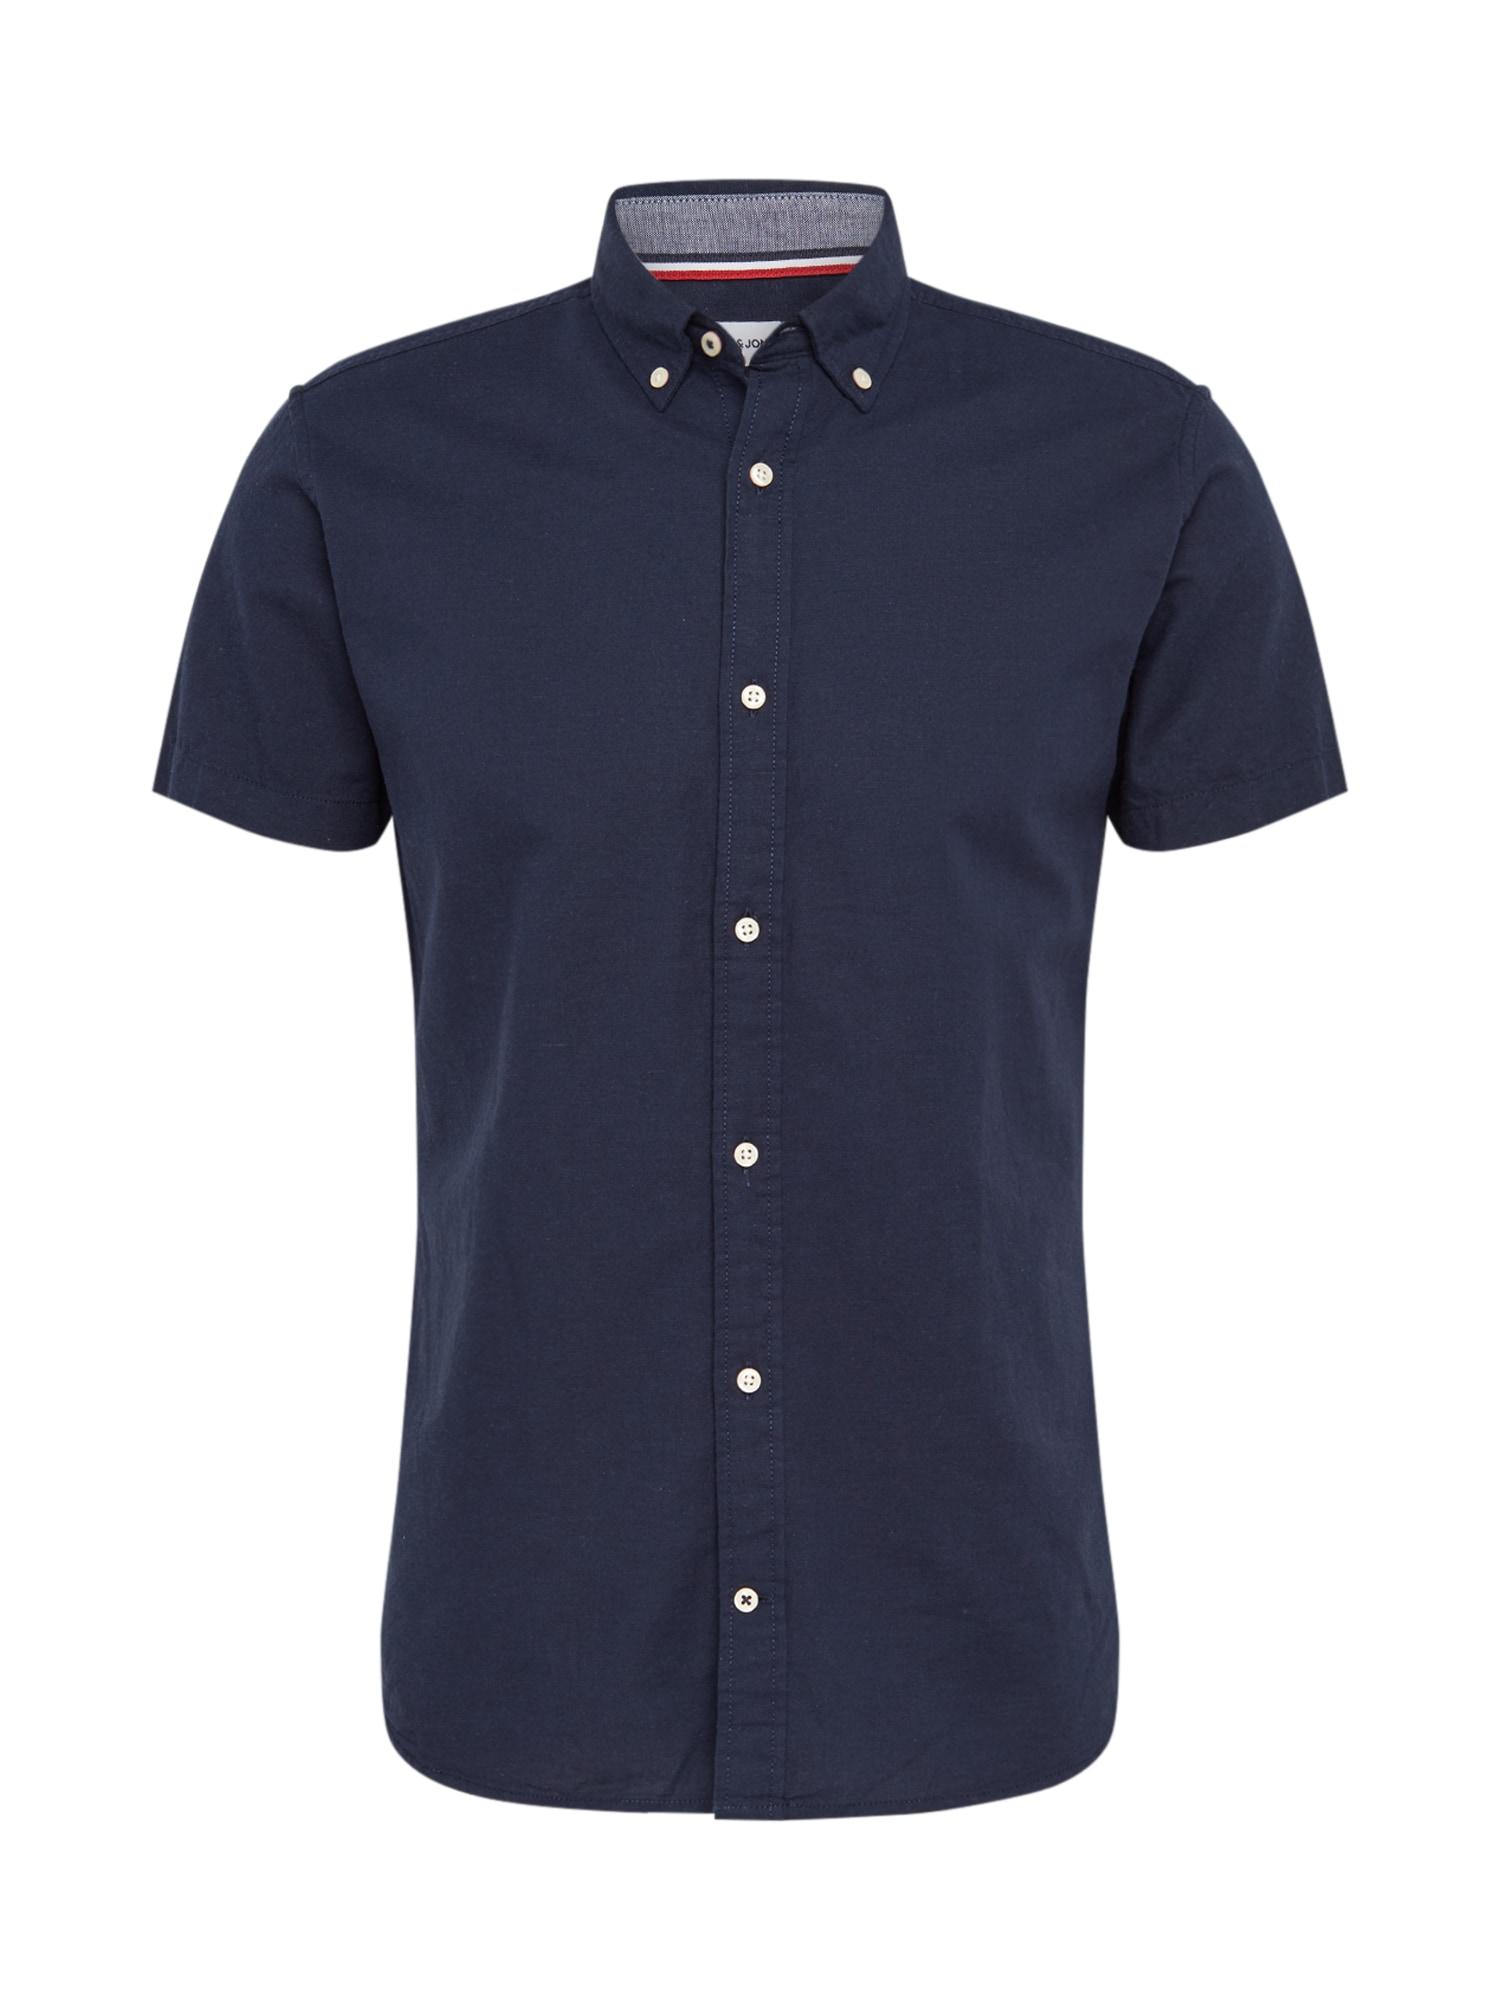 JACK & JONES Marškiniai mėlyna